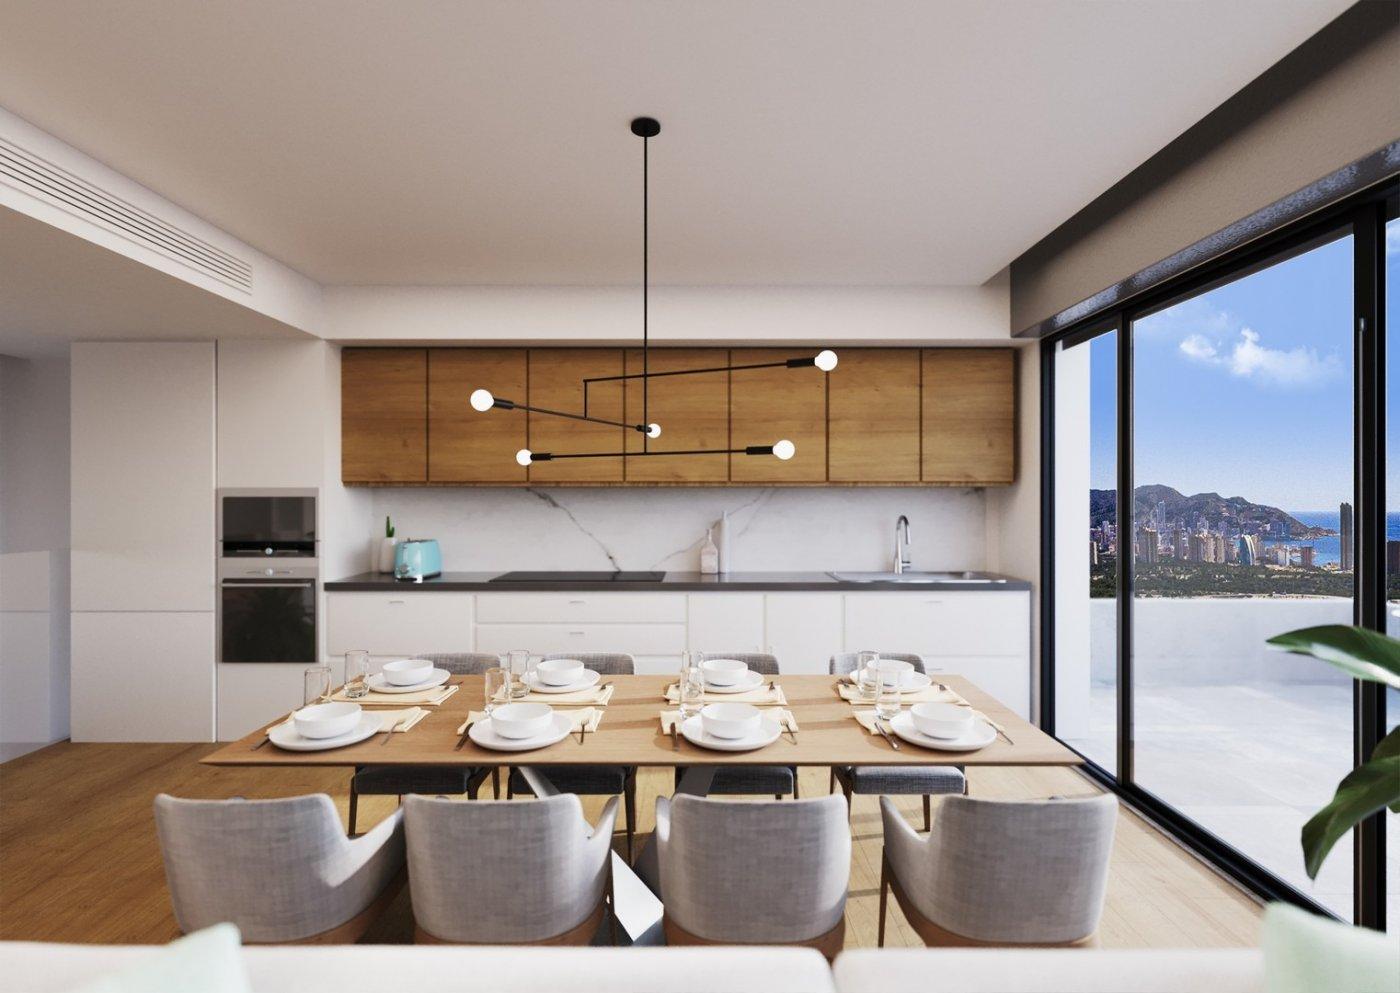 Nuevo complejo residencial en finestrat con vistas al mar!!! - imagenInmueble7